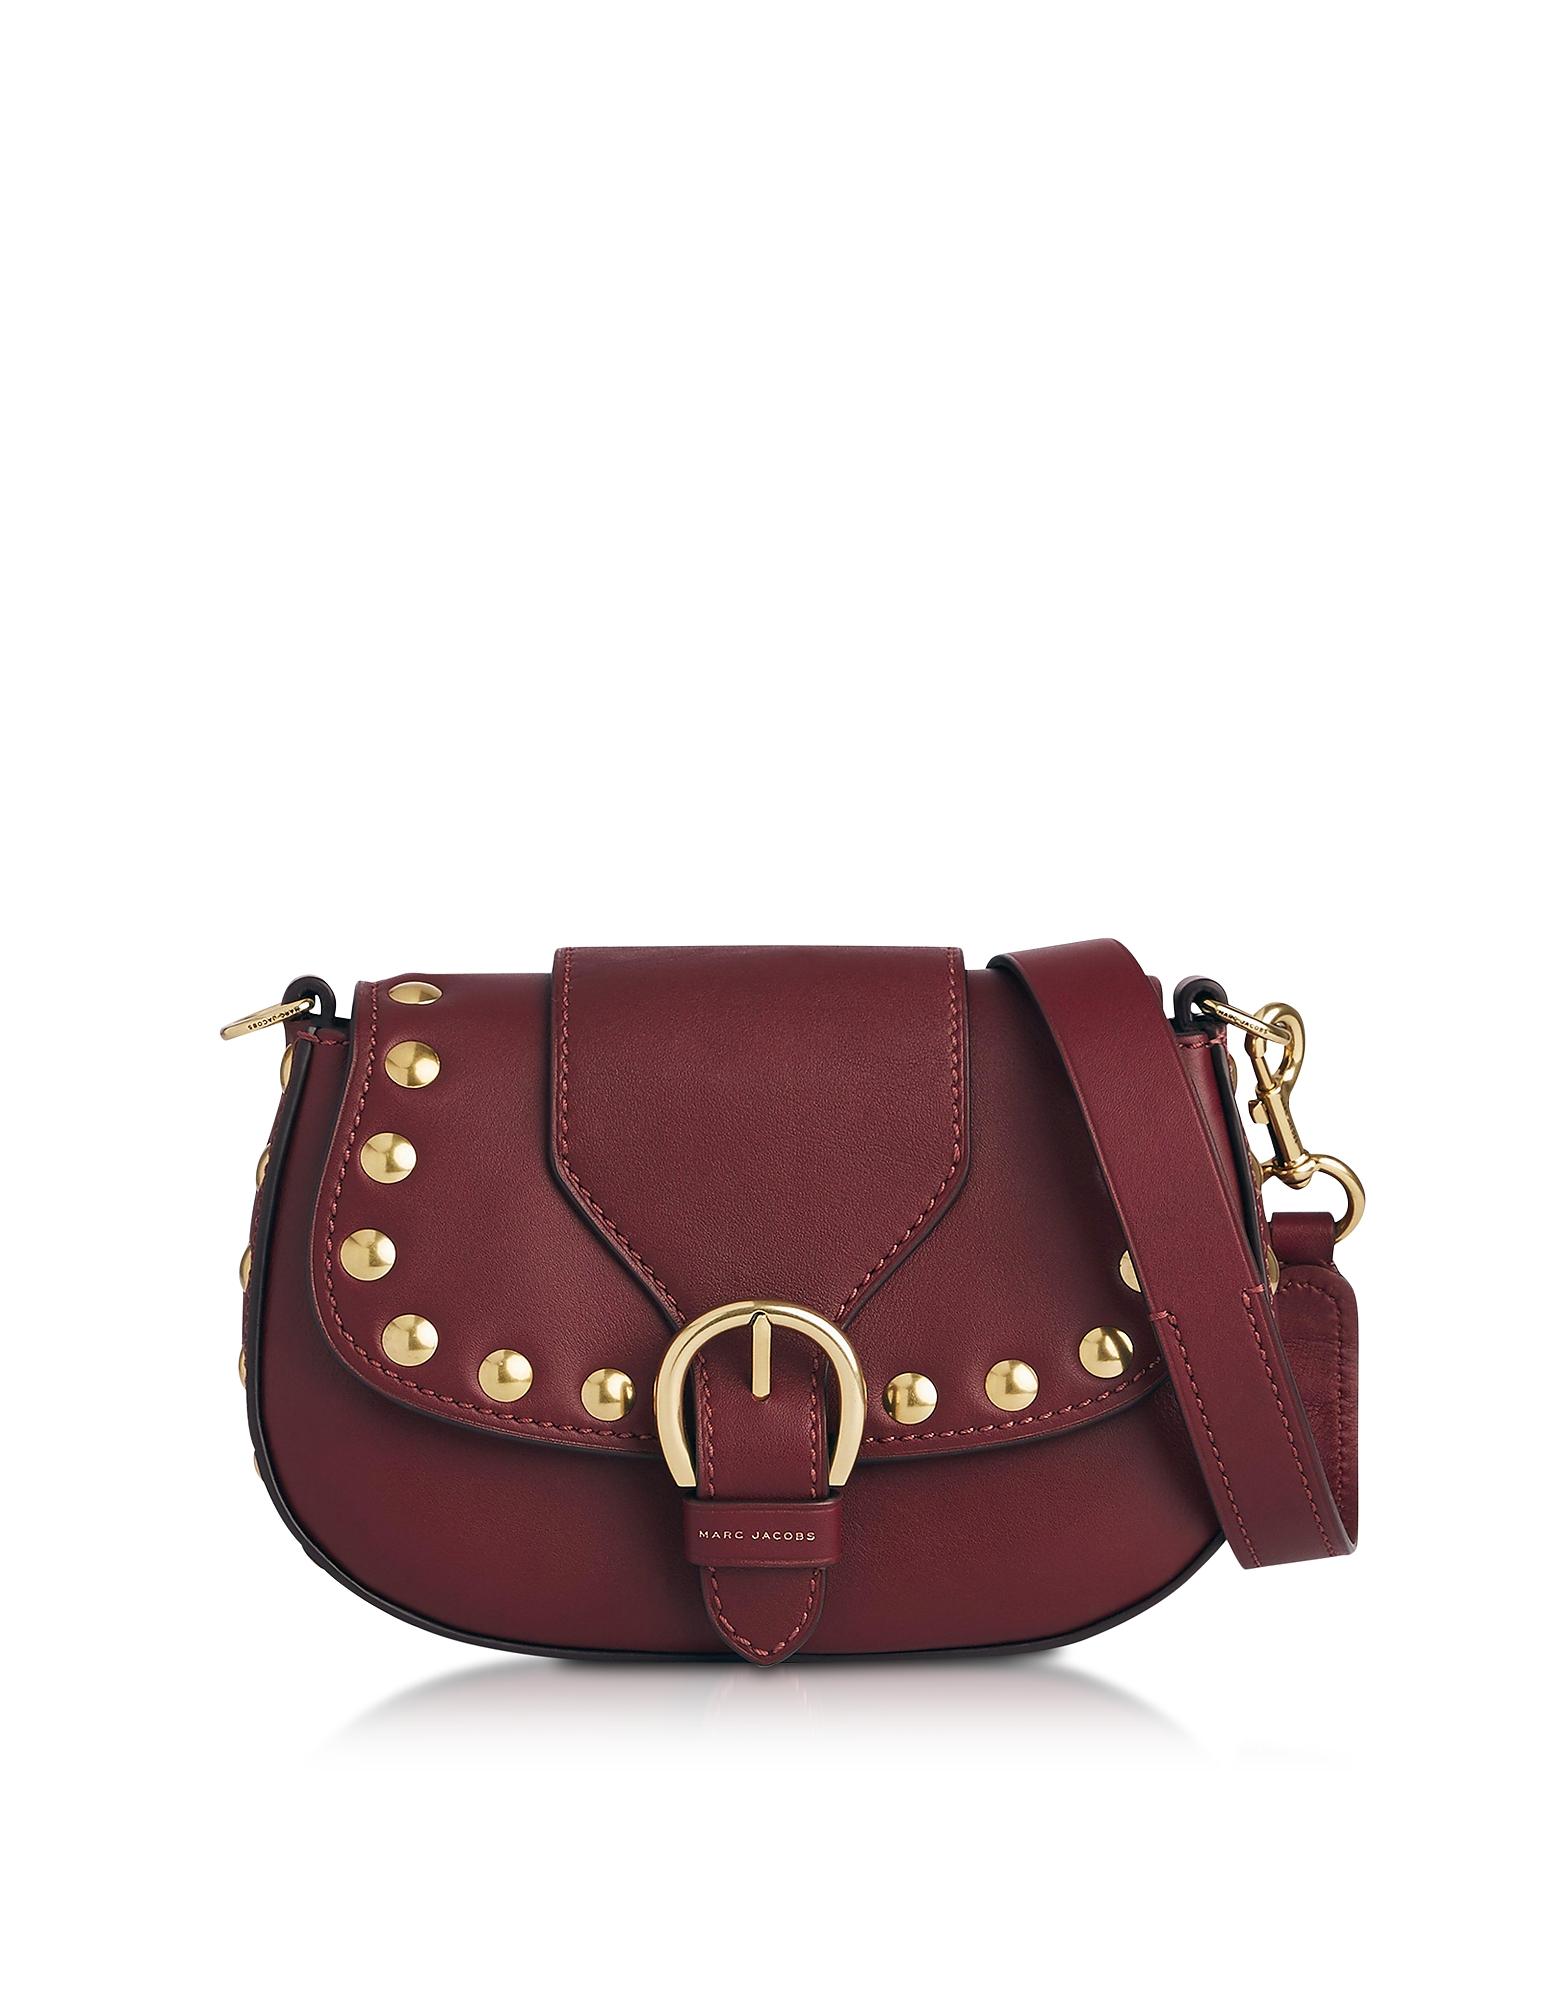 Marc Jacobs Handbags, Cabernet Leather Small Studded Navigator Shoulder Bag